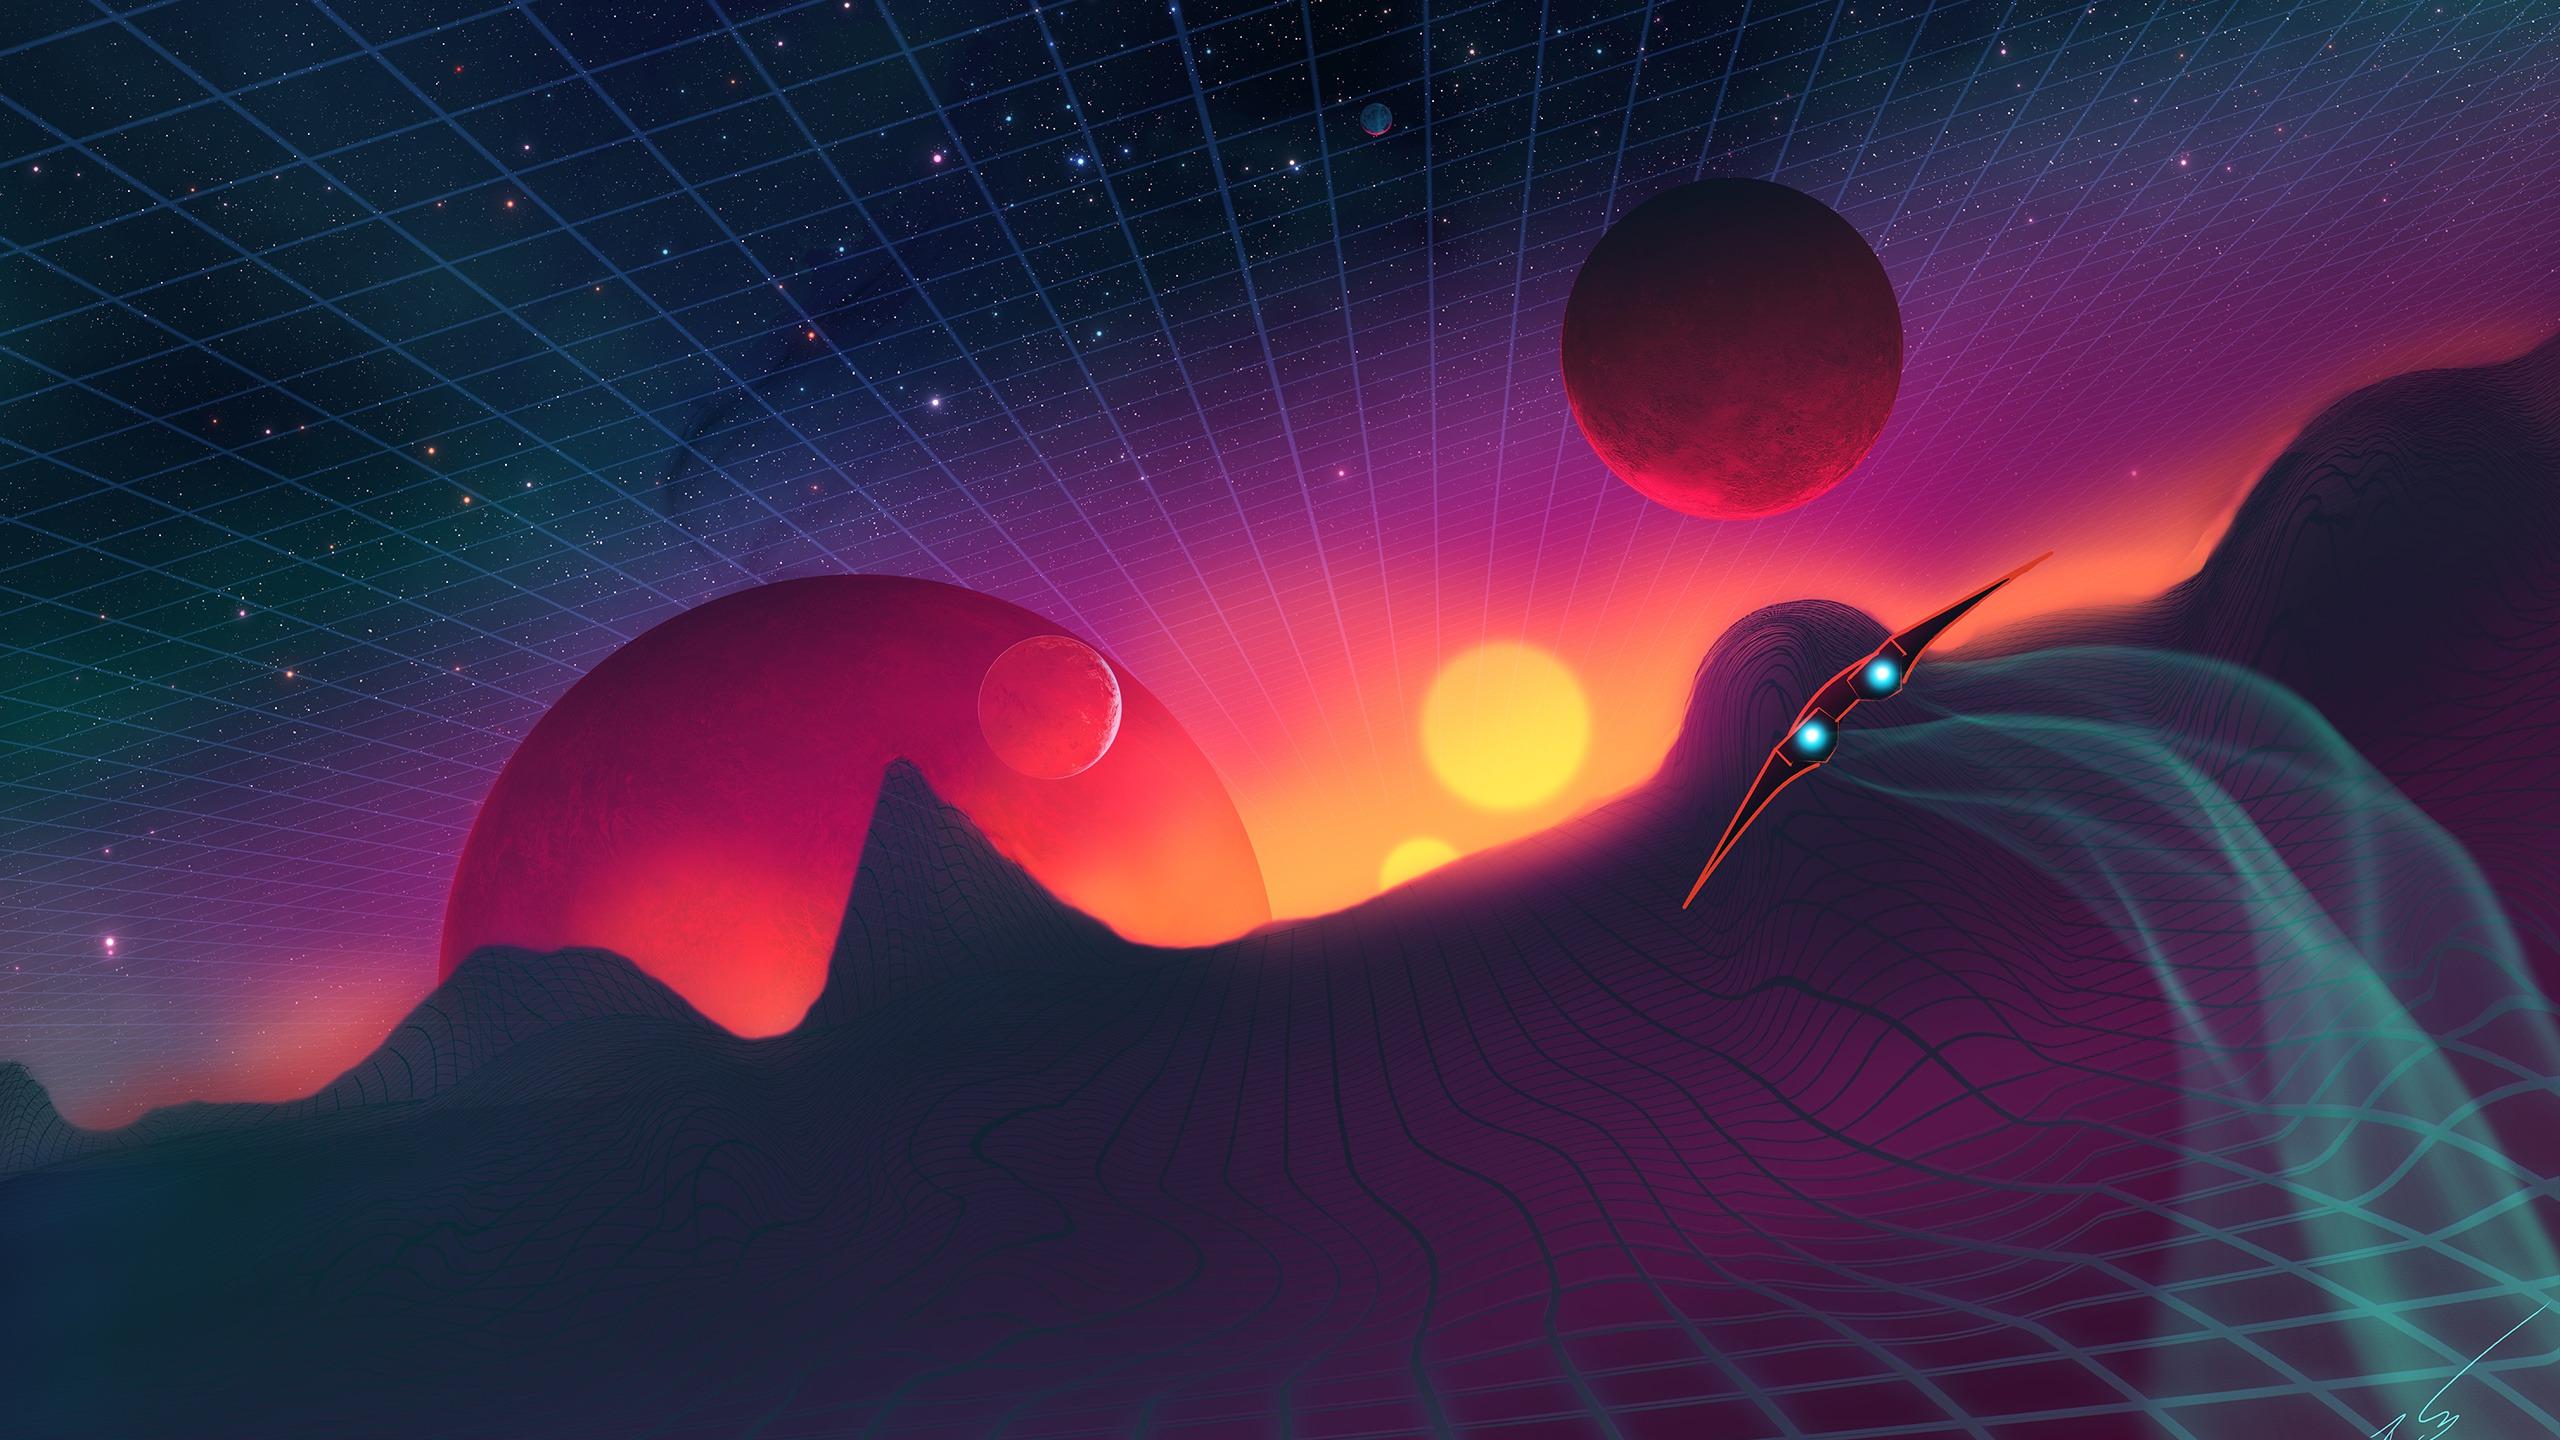 Скачать обои космос, огни, сетка, планеты, корабль, звёзды, квадраты